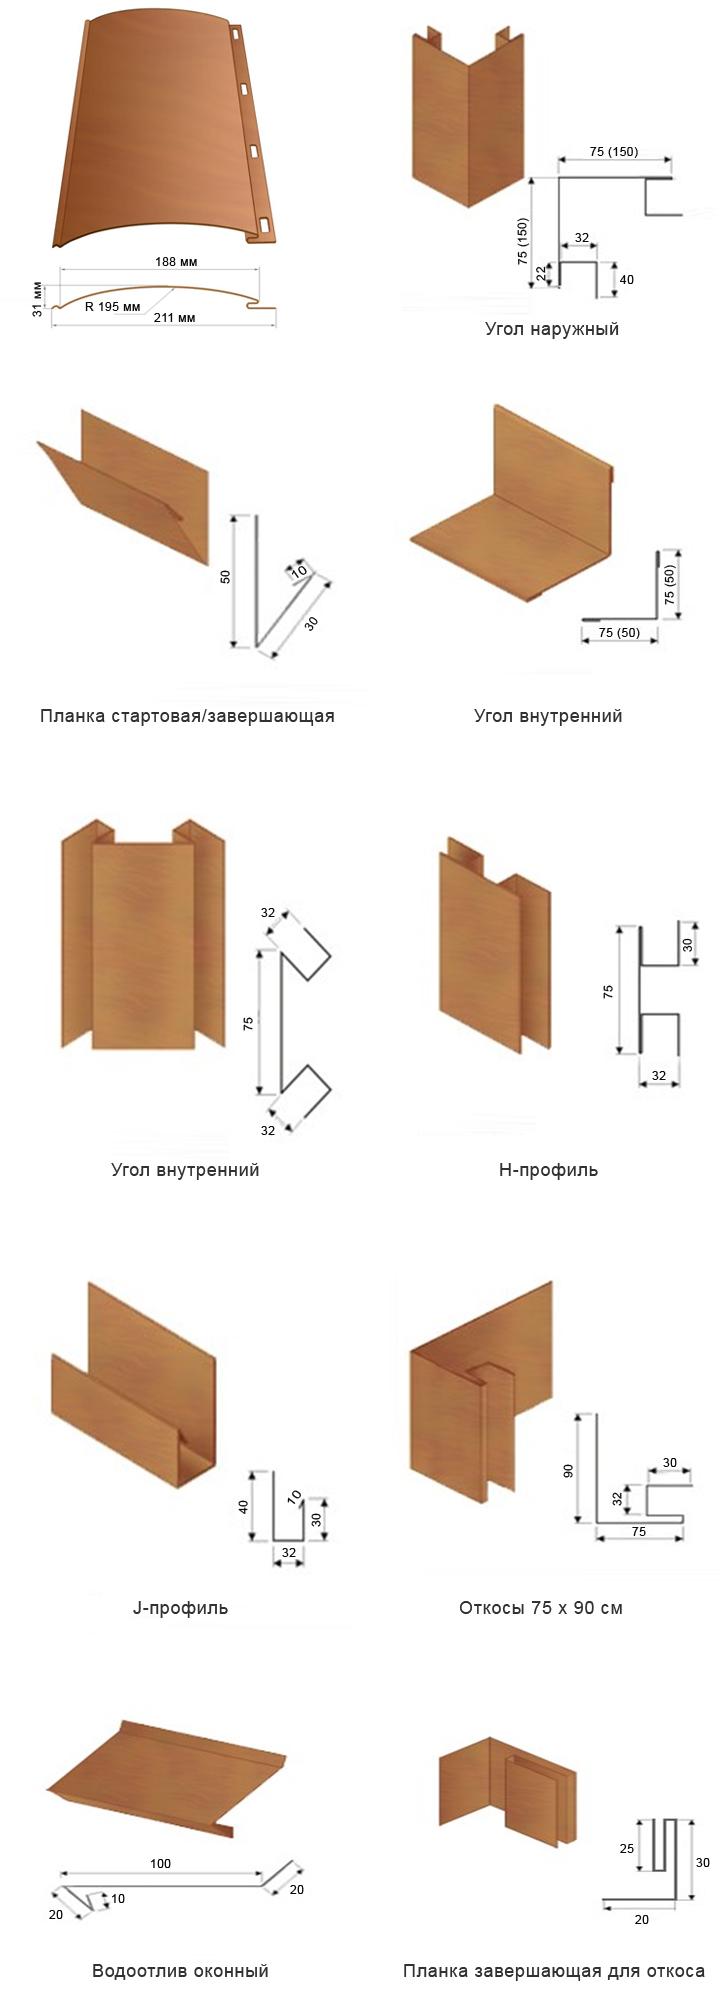 Металлический блок хаус: видео-инструкция по монтажу Блок-хаус метал монтаж своими руками